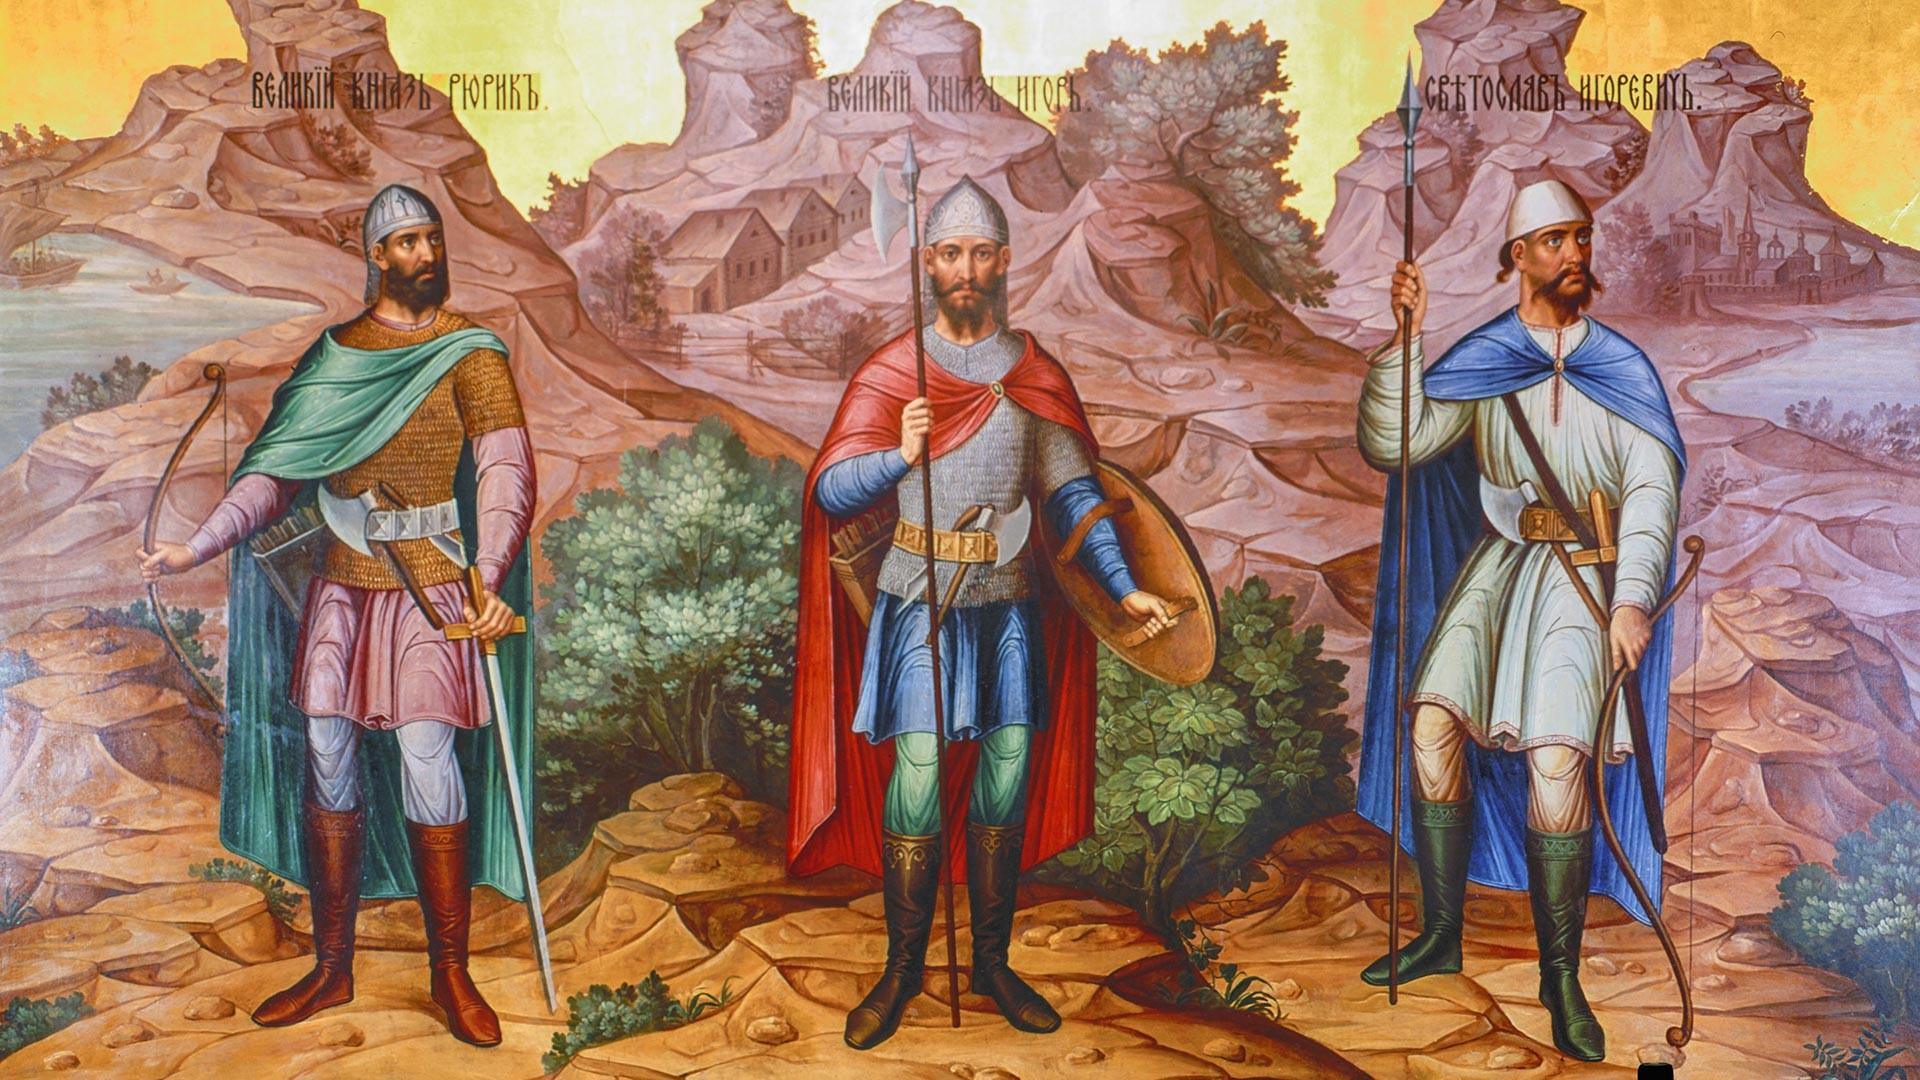 Veliki knez Rjurik, veliki knez Igor in Igor Svjatoslavovič. Reprodukcija fragmenta stenske freske v Kremlju